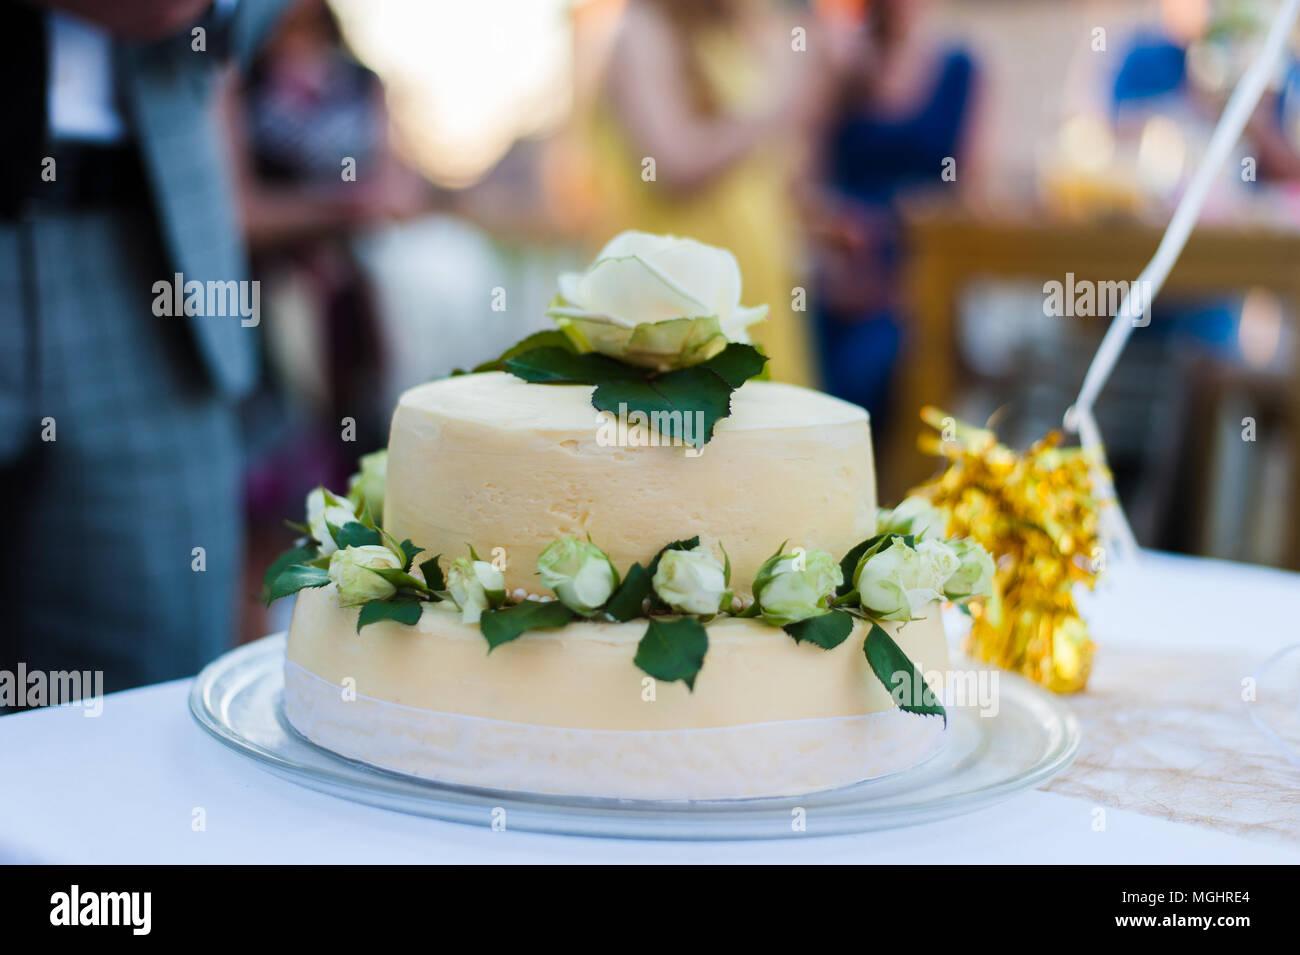 Weisse Hochzeitstorte Mit Weissen Rosen Stockfoto Bild 182329788